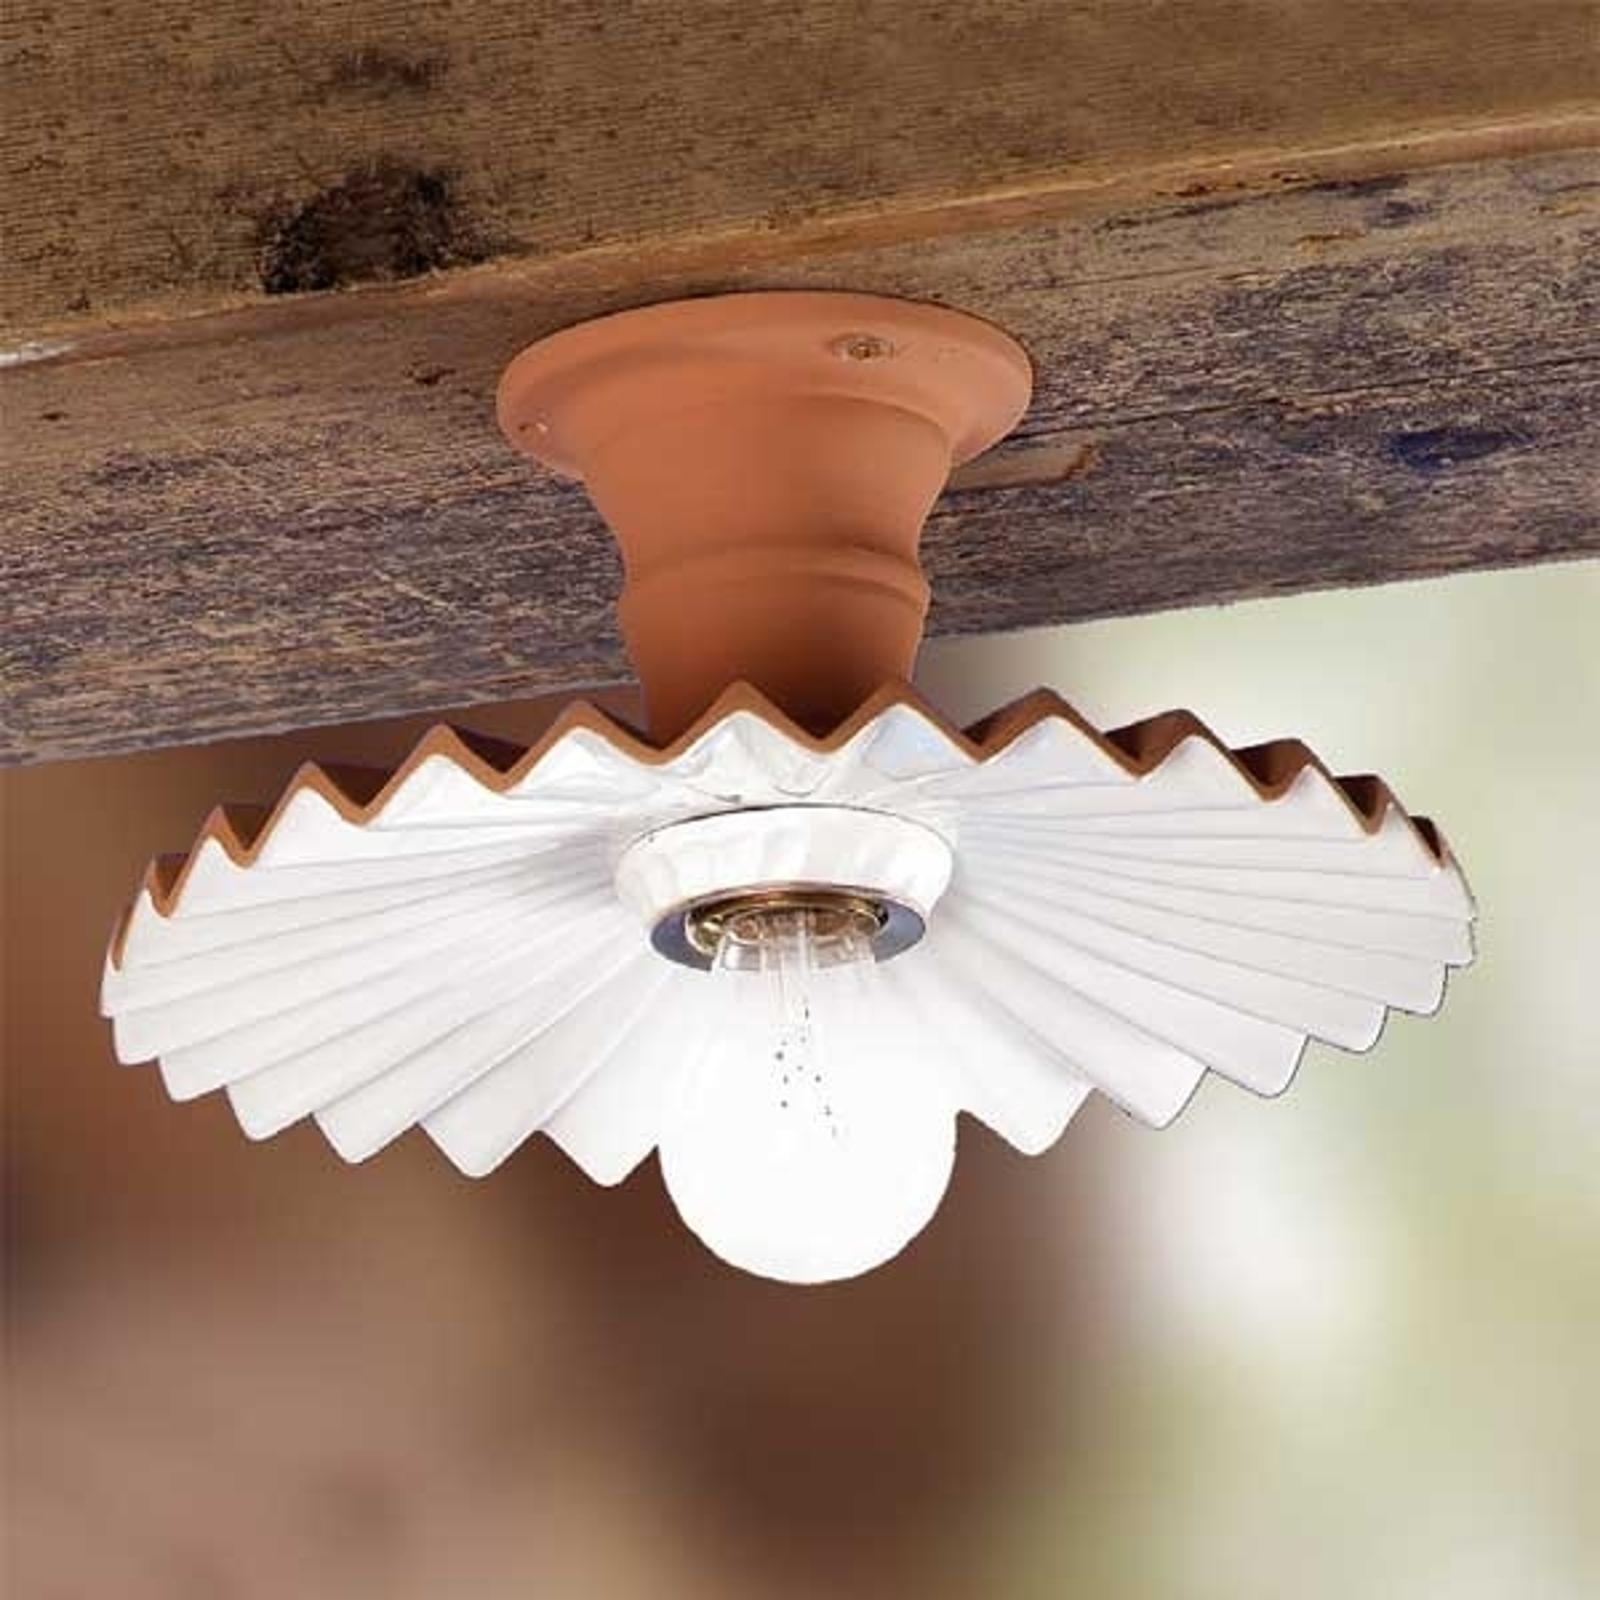 Stropné svietidlo ARGILLA v štýle vidieckeho domu_2013020_1